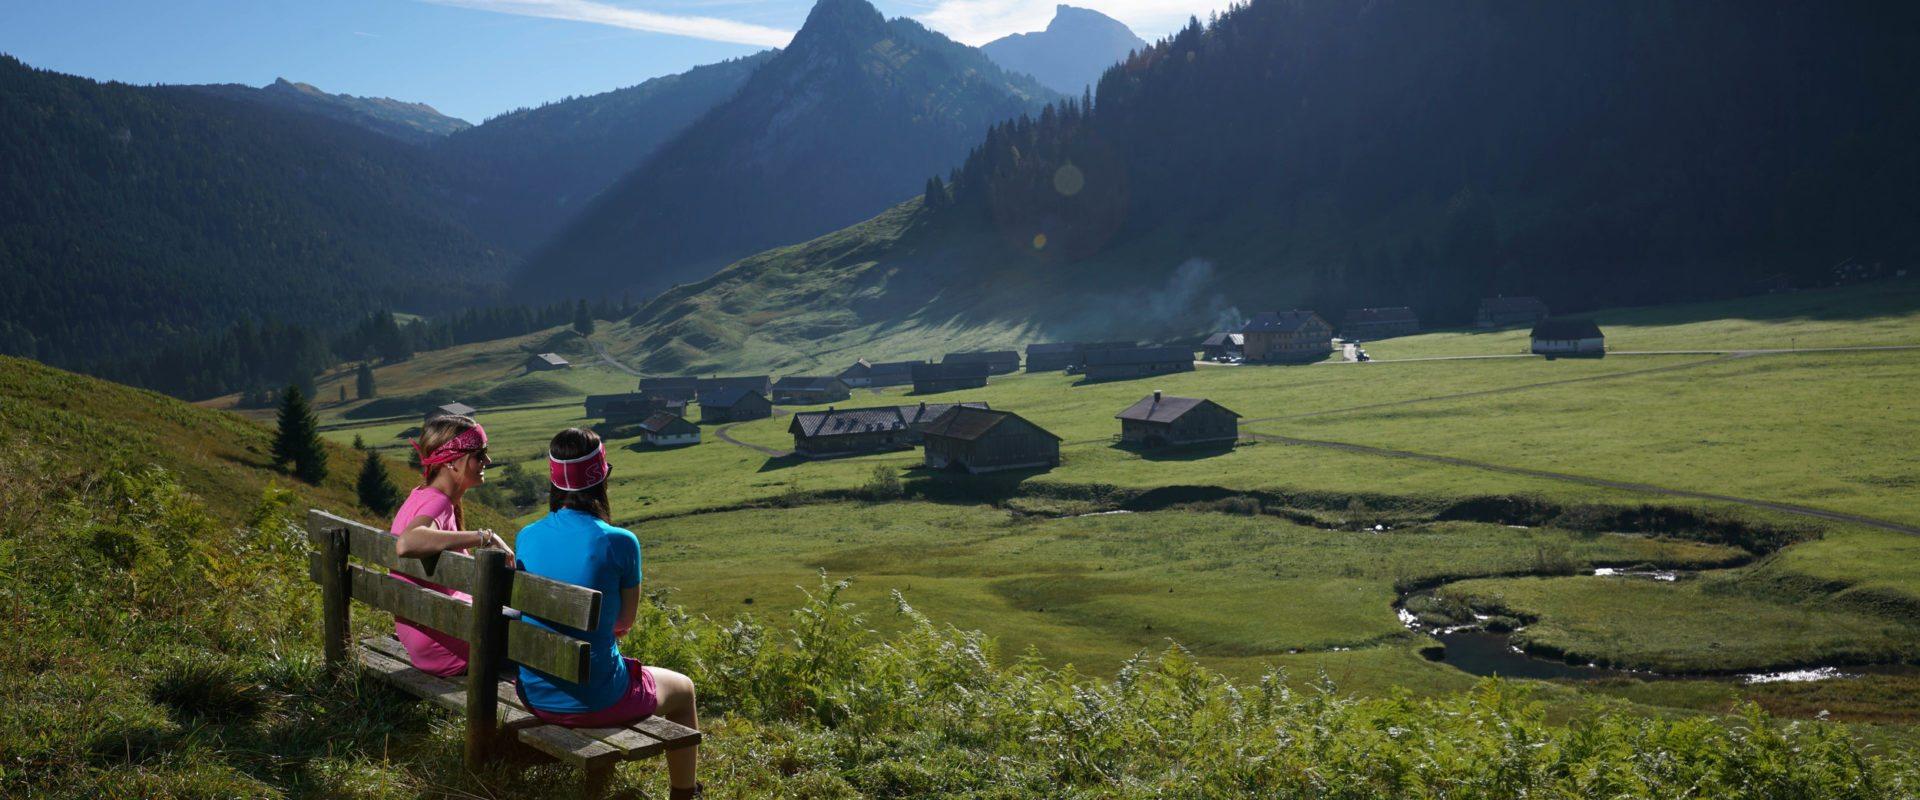 Wandern Schönenbach © Ludwig Berchtold / Bregenzerwald Tourismus